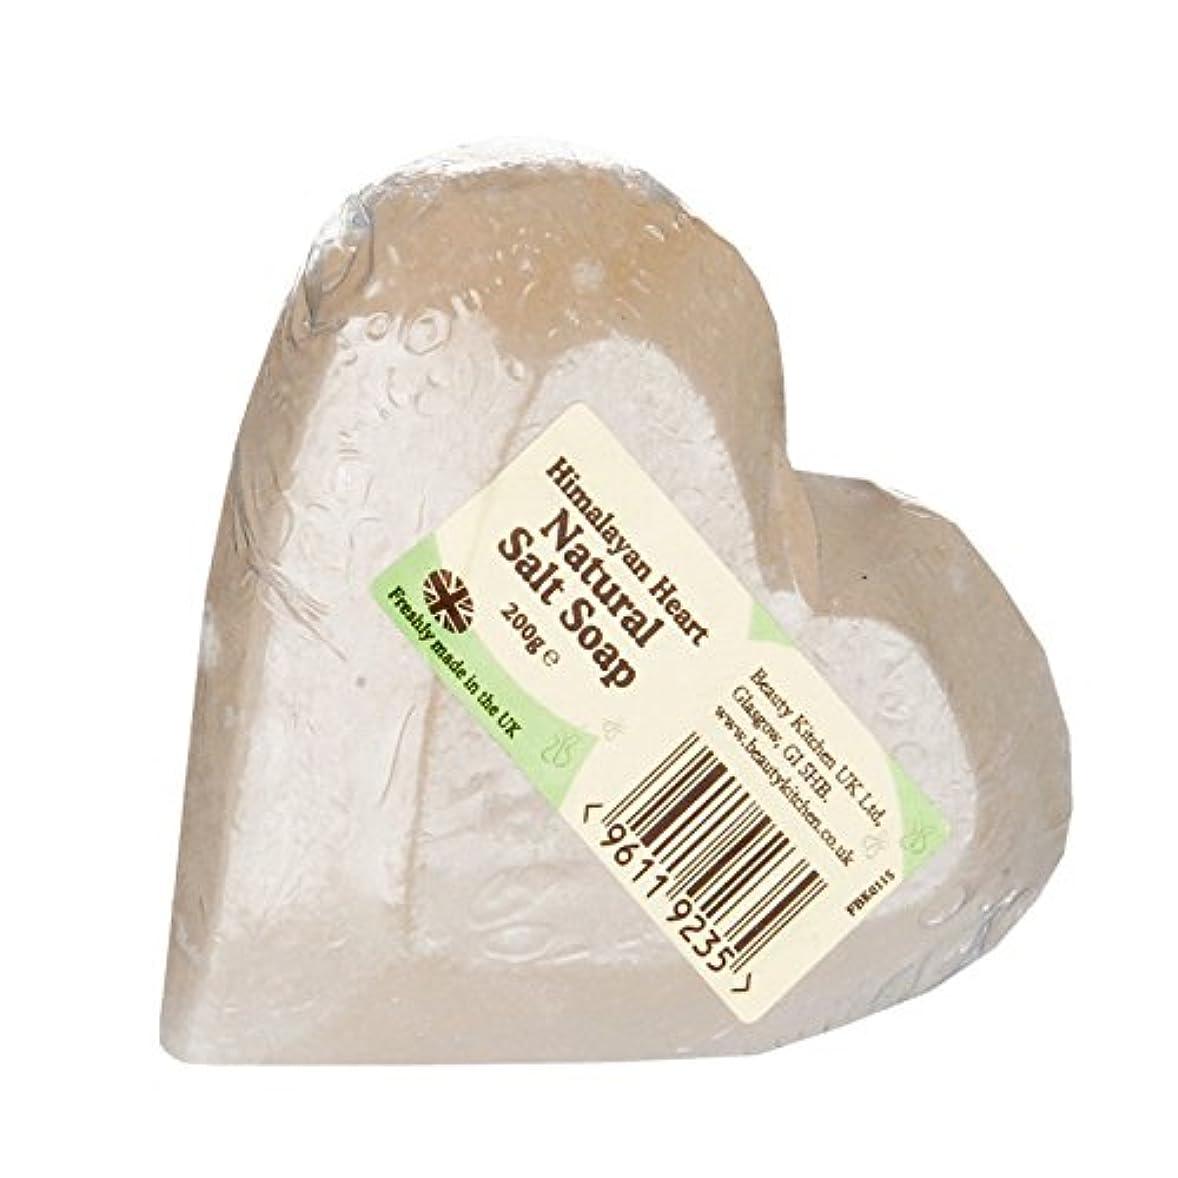 カーペット提案する経験的美容キッチンヒマラヤンハートソープ200グラム - Beauty Kitchen Himalayan Heart Soap 200g (Beauty Kitchen) [並行輸入品]